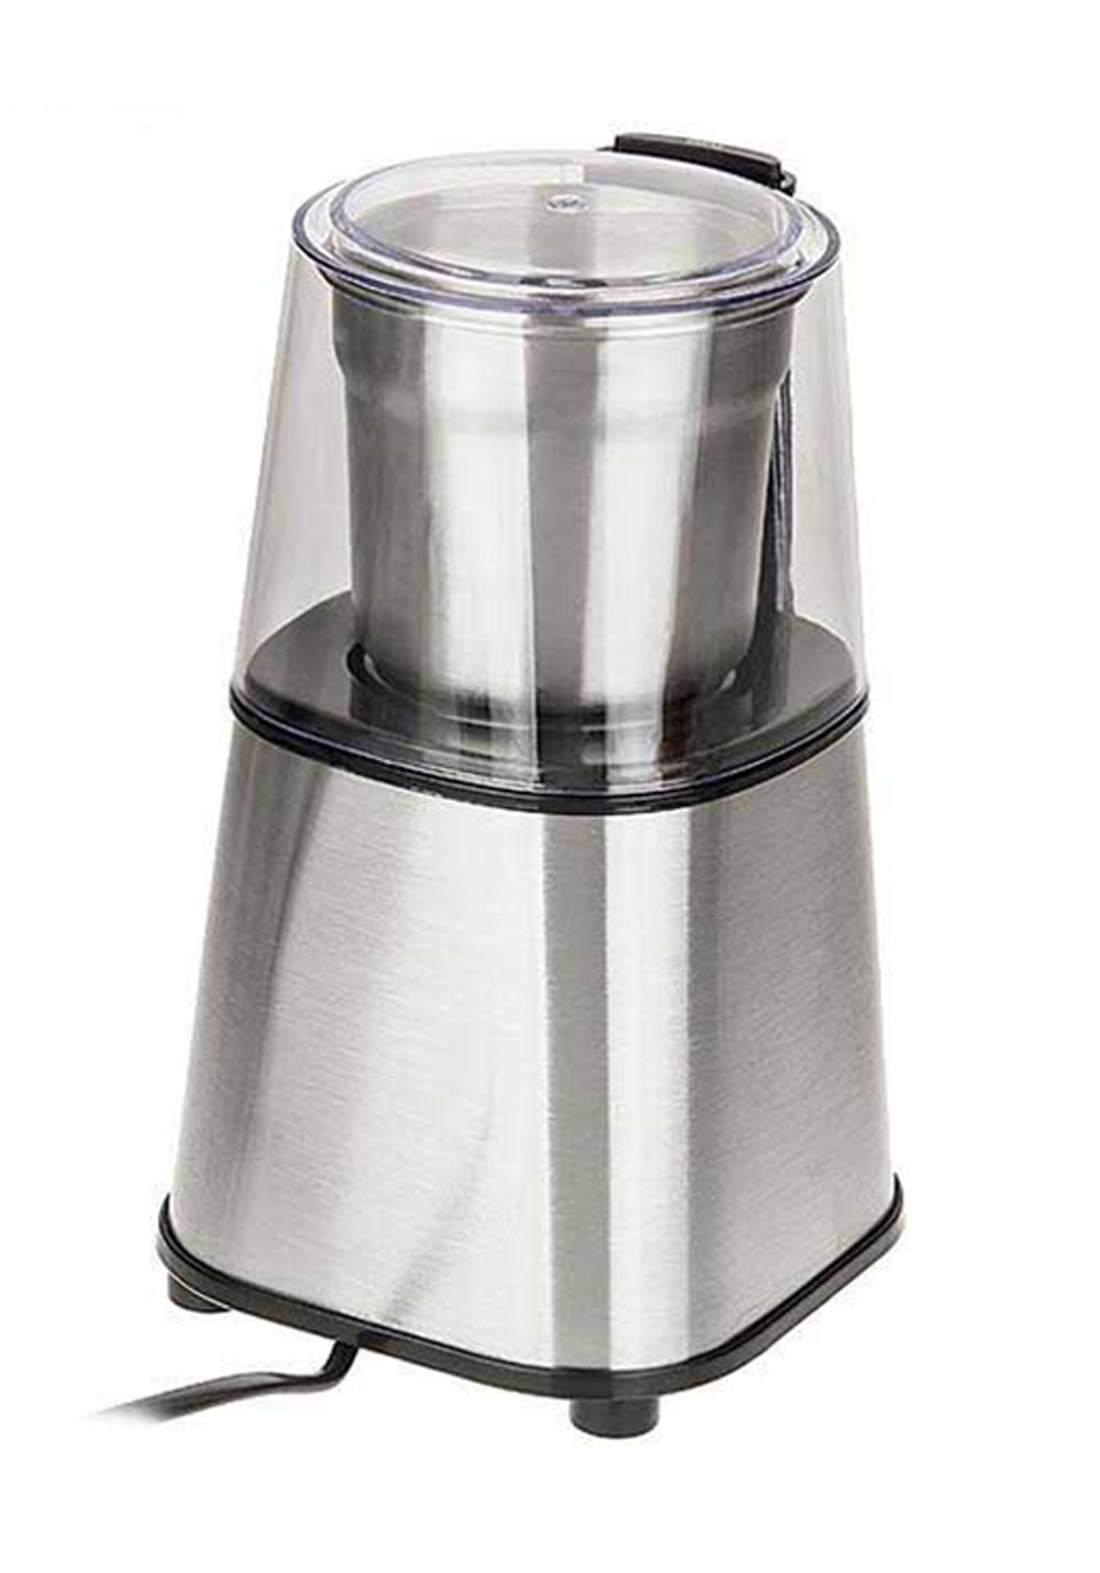 Delmonti  DL 125 Grinder مطحنة قهوة